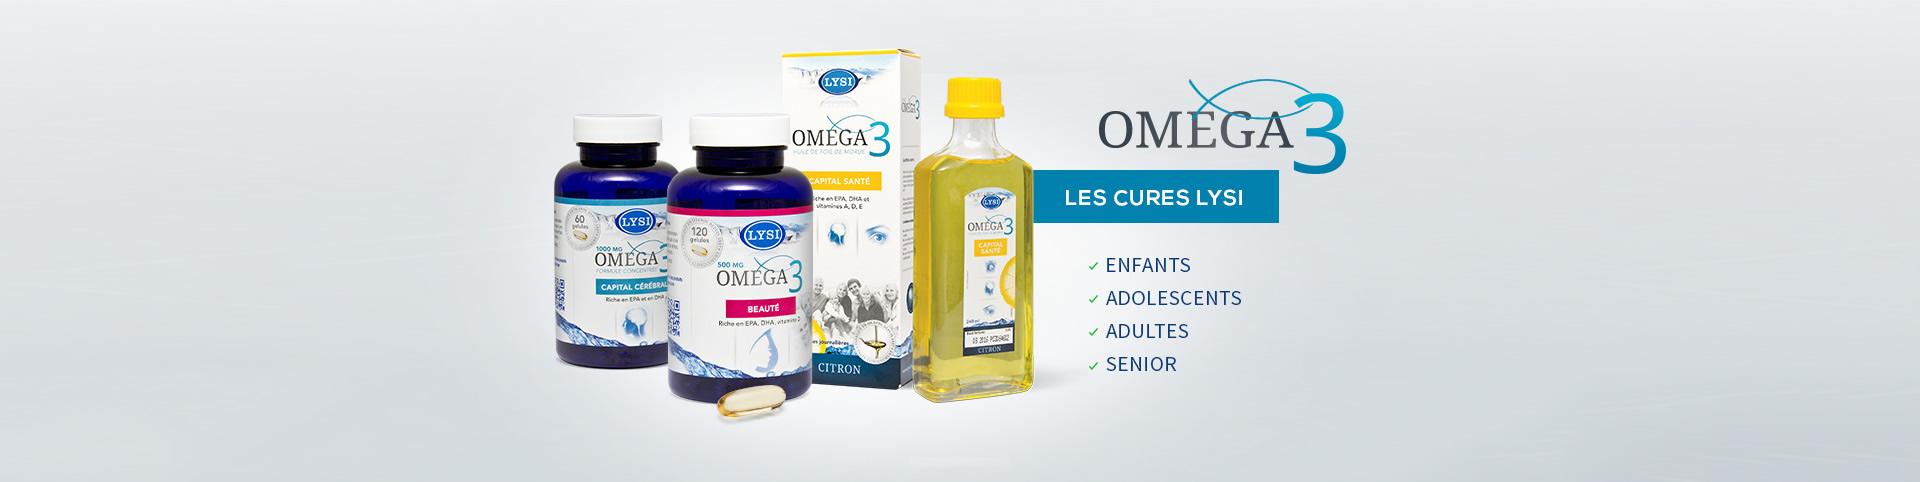 Cures d'omega 3 de 2, 3, 4 ou 6 mois sous forme de gélule